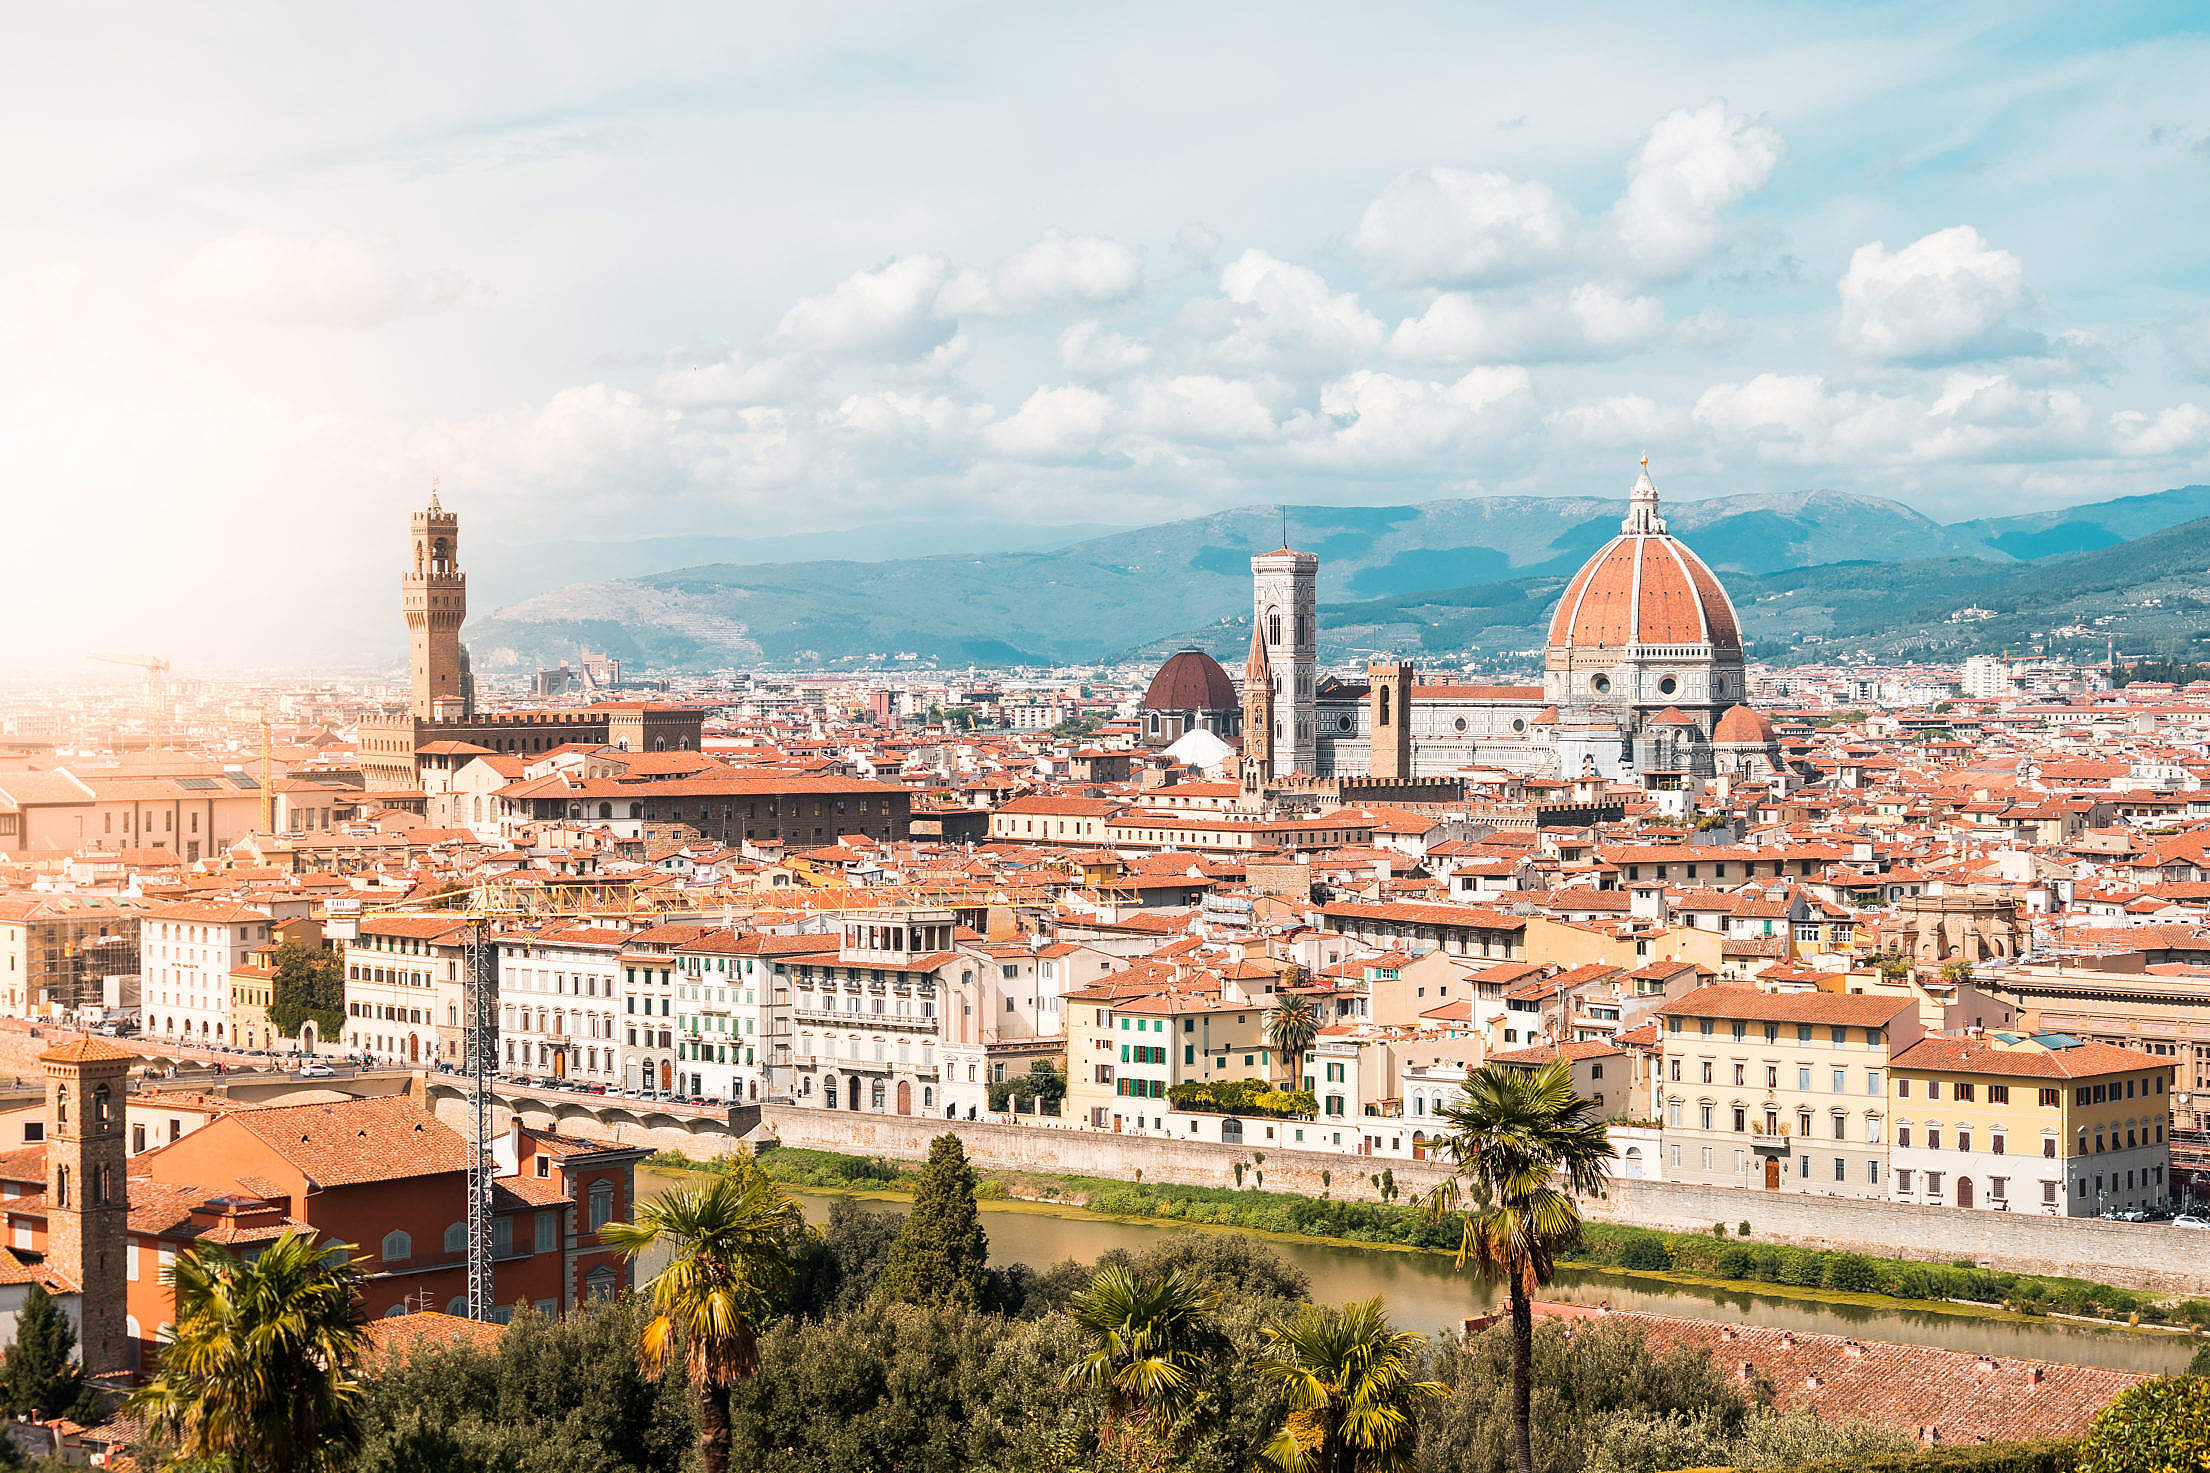 Palazzo Vecchio and Duomo S. Maria del Fiore in Florence, Italy Free Stock Photo